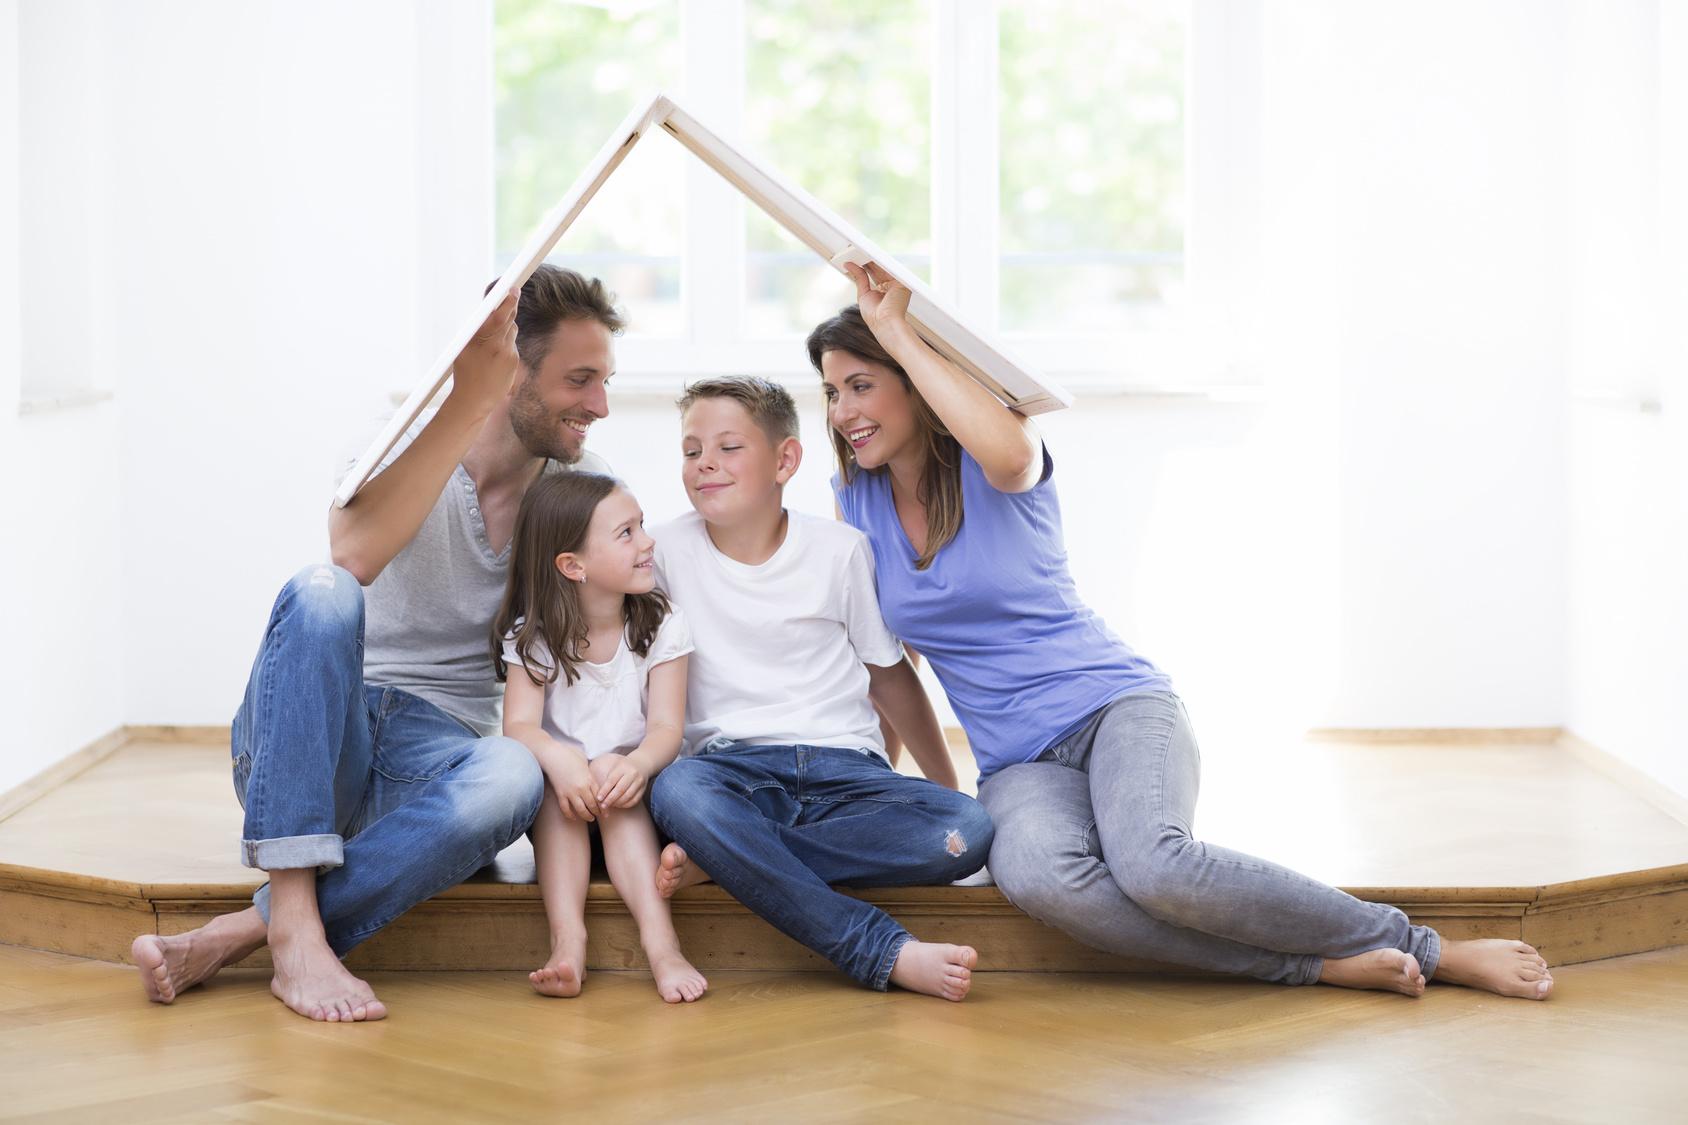 steuer nderungen 2018 steuersenkungen und beitragsbemessungsgrenzen ndern sich nderung. Black Bedroom Furniture Sets. Home Design Ideas